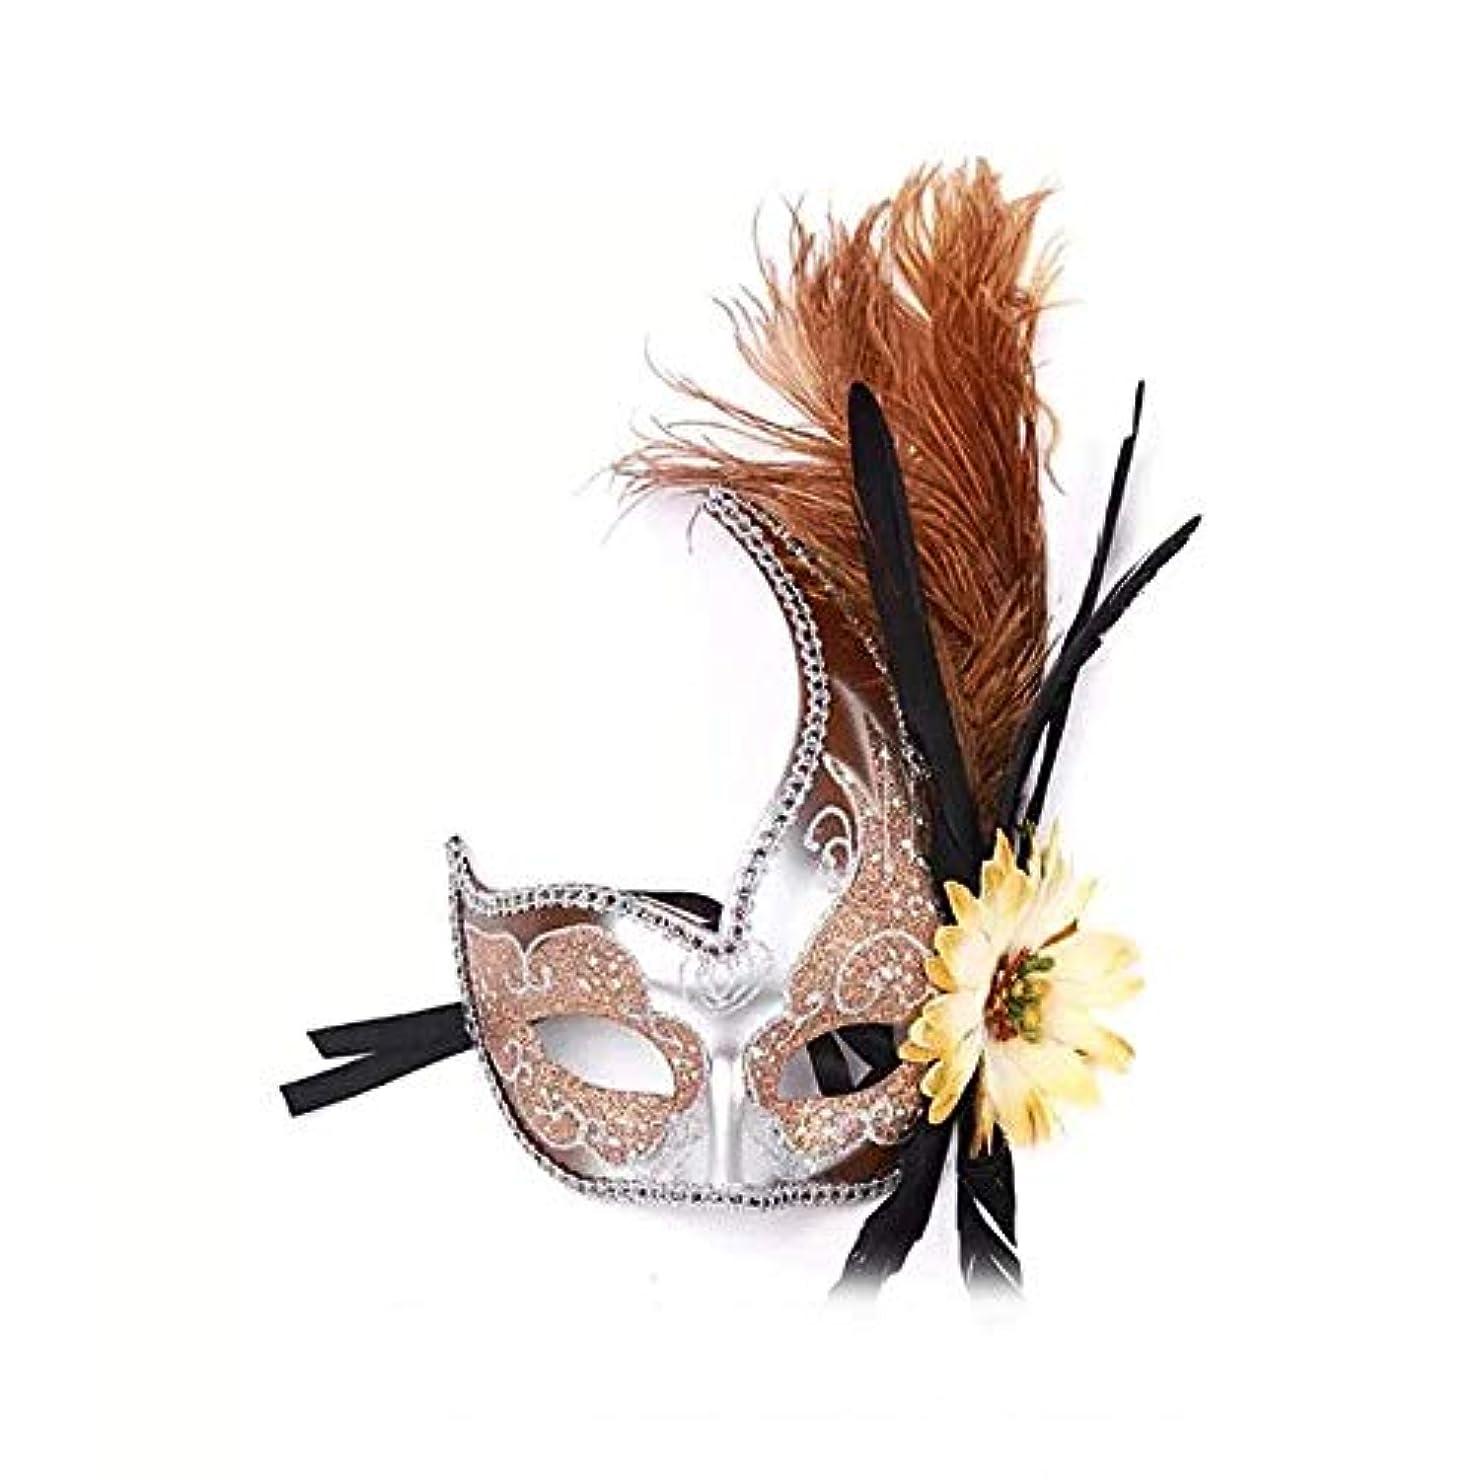 低下映画タービンNanle ハロウィンマスクハーフフェザーマスクベニスプリンセスマスク美容レース仮面ライダーコスプレ (色 : Style B orange)